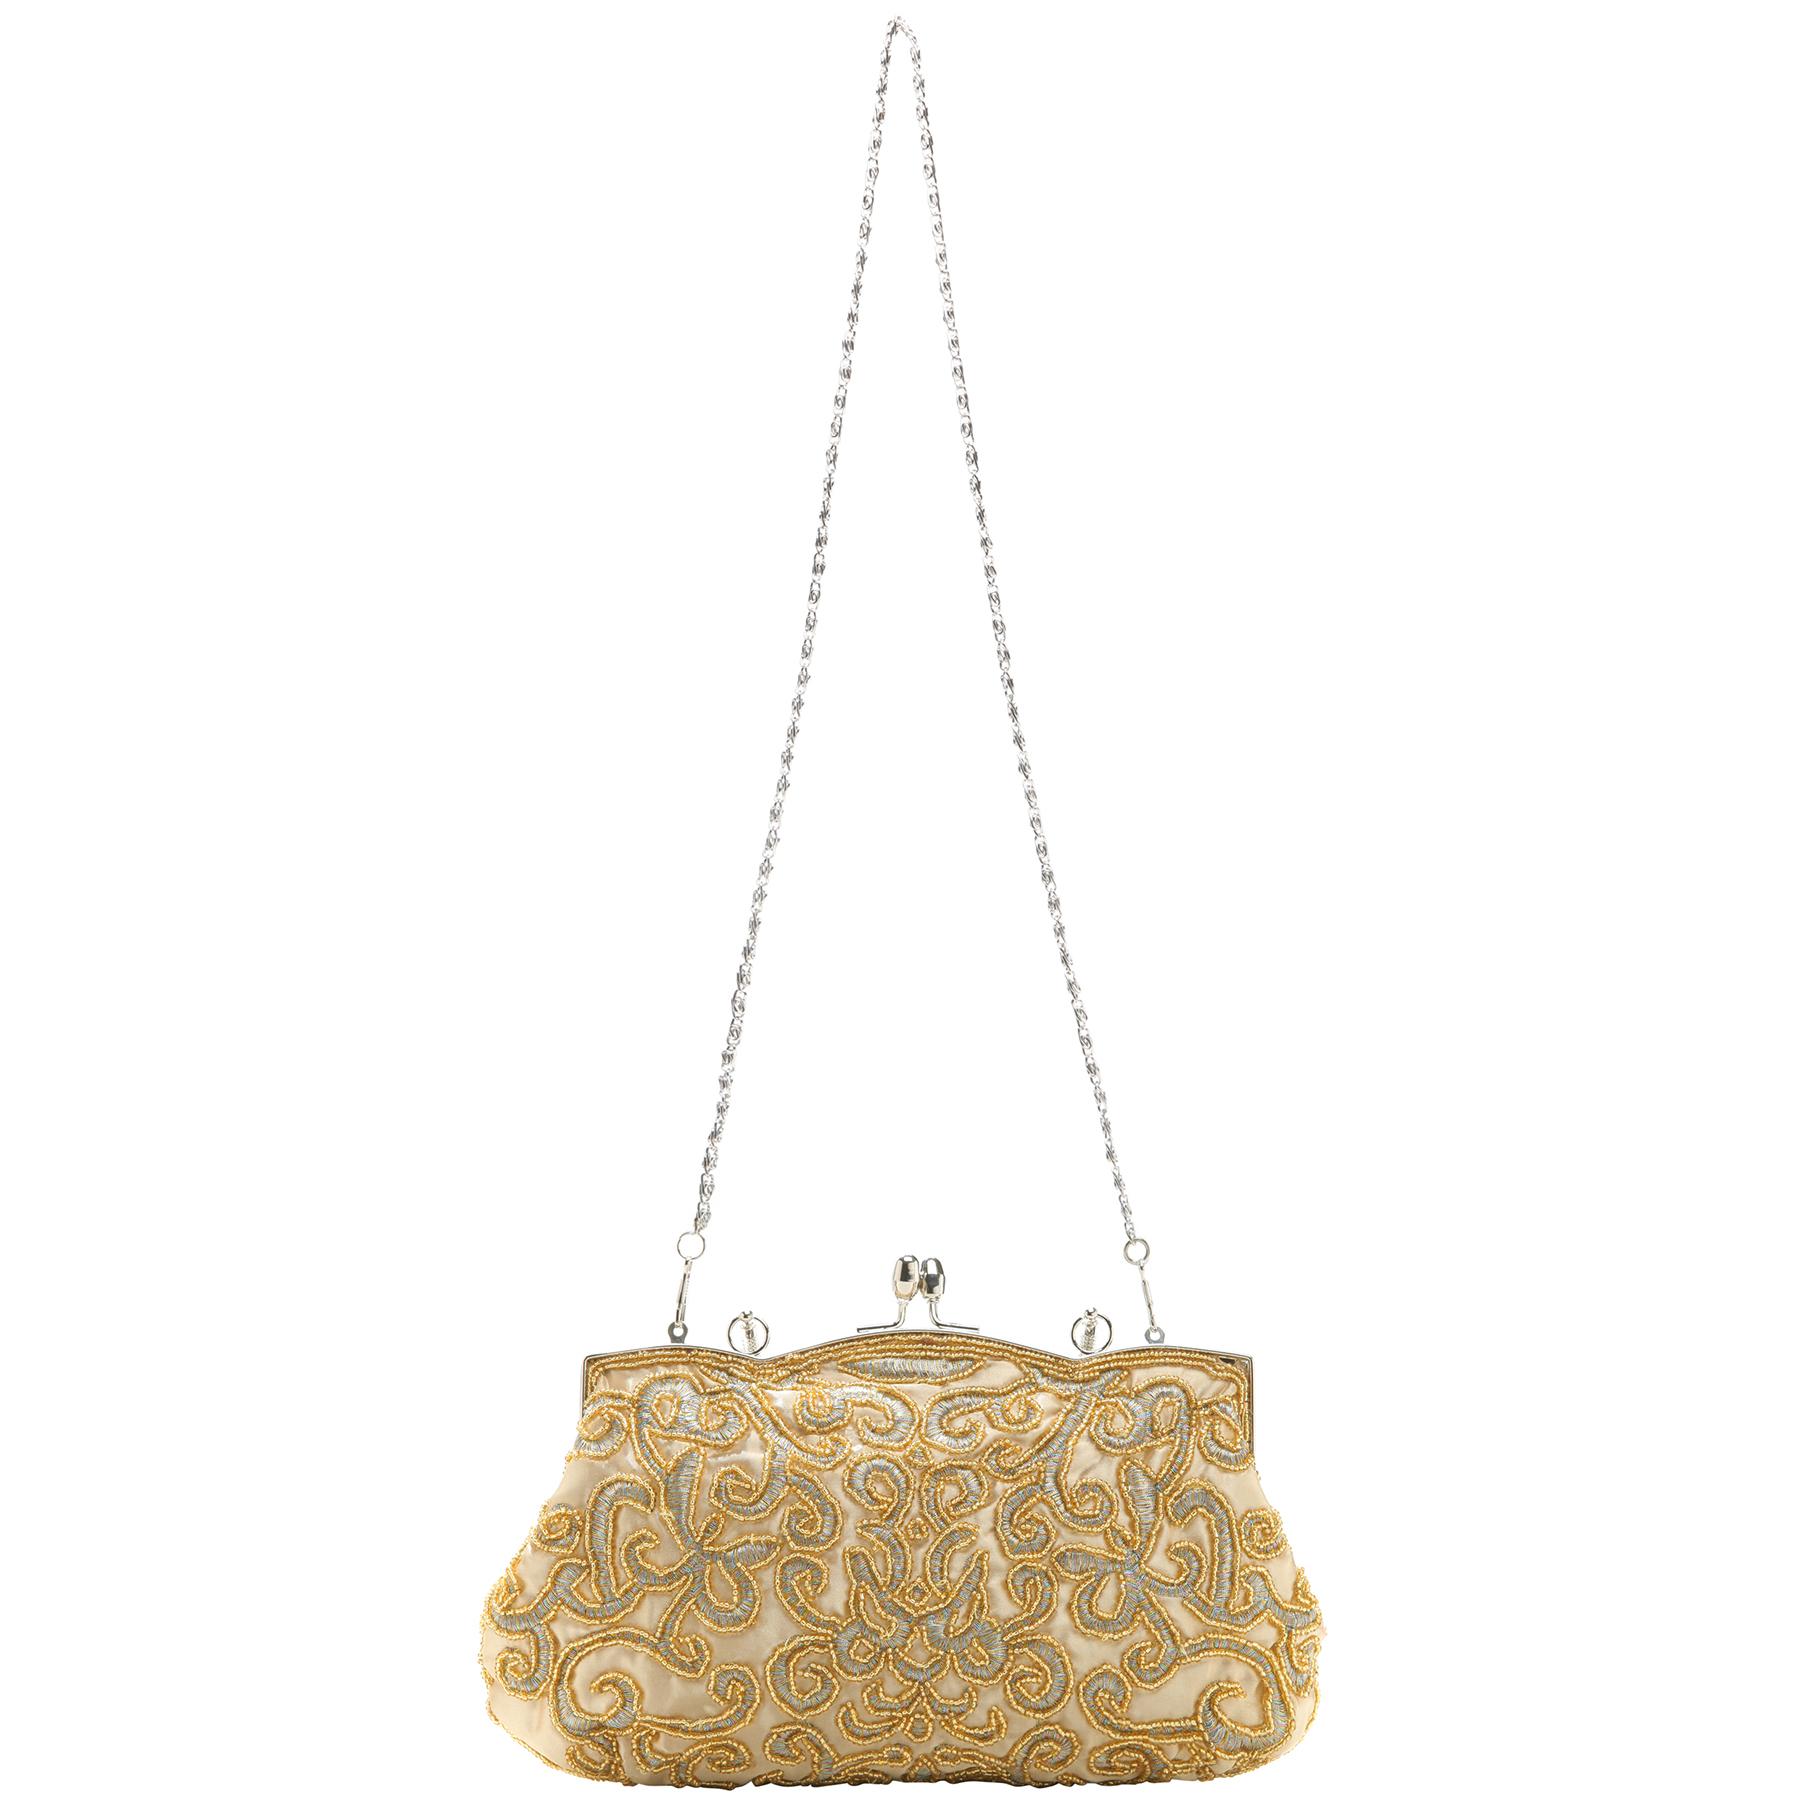 ADELE Gold Embroidered Evening Handbag long strap